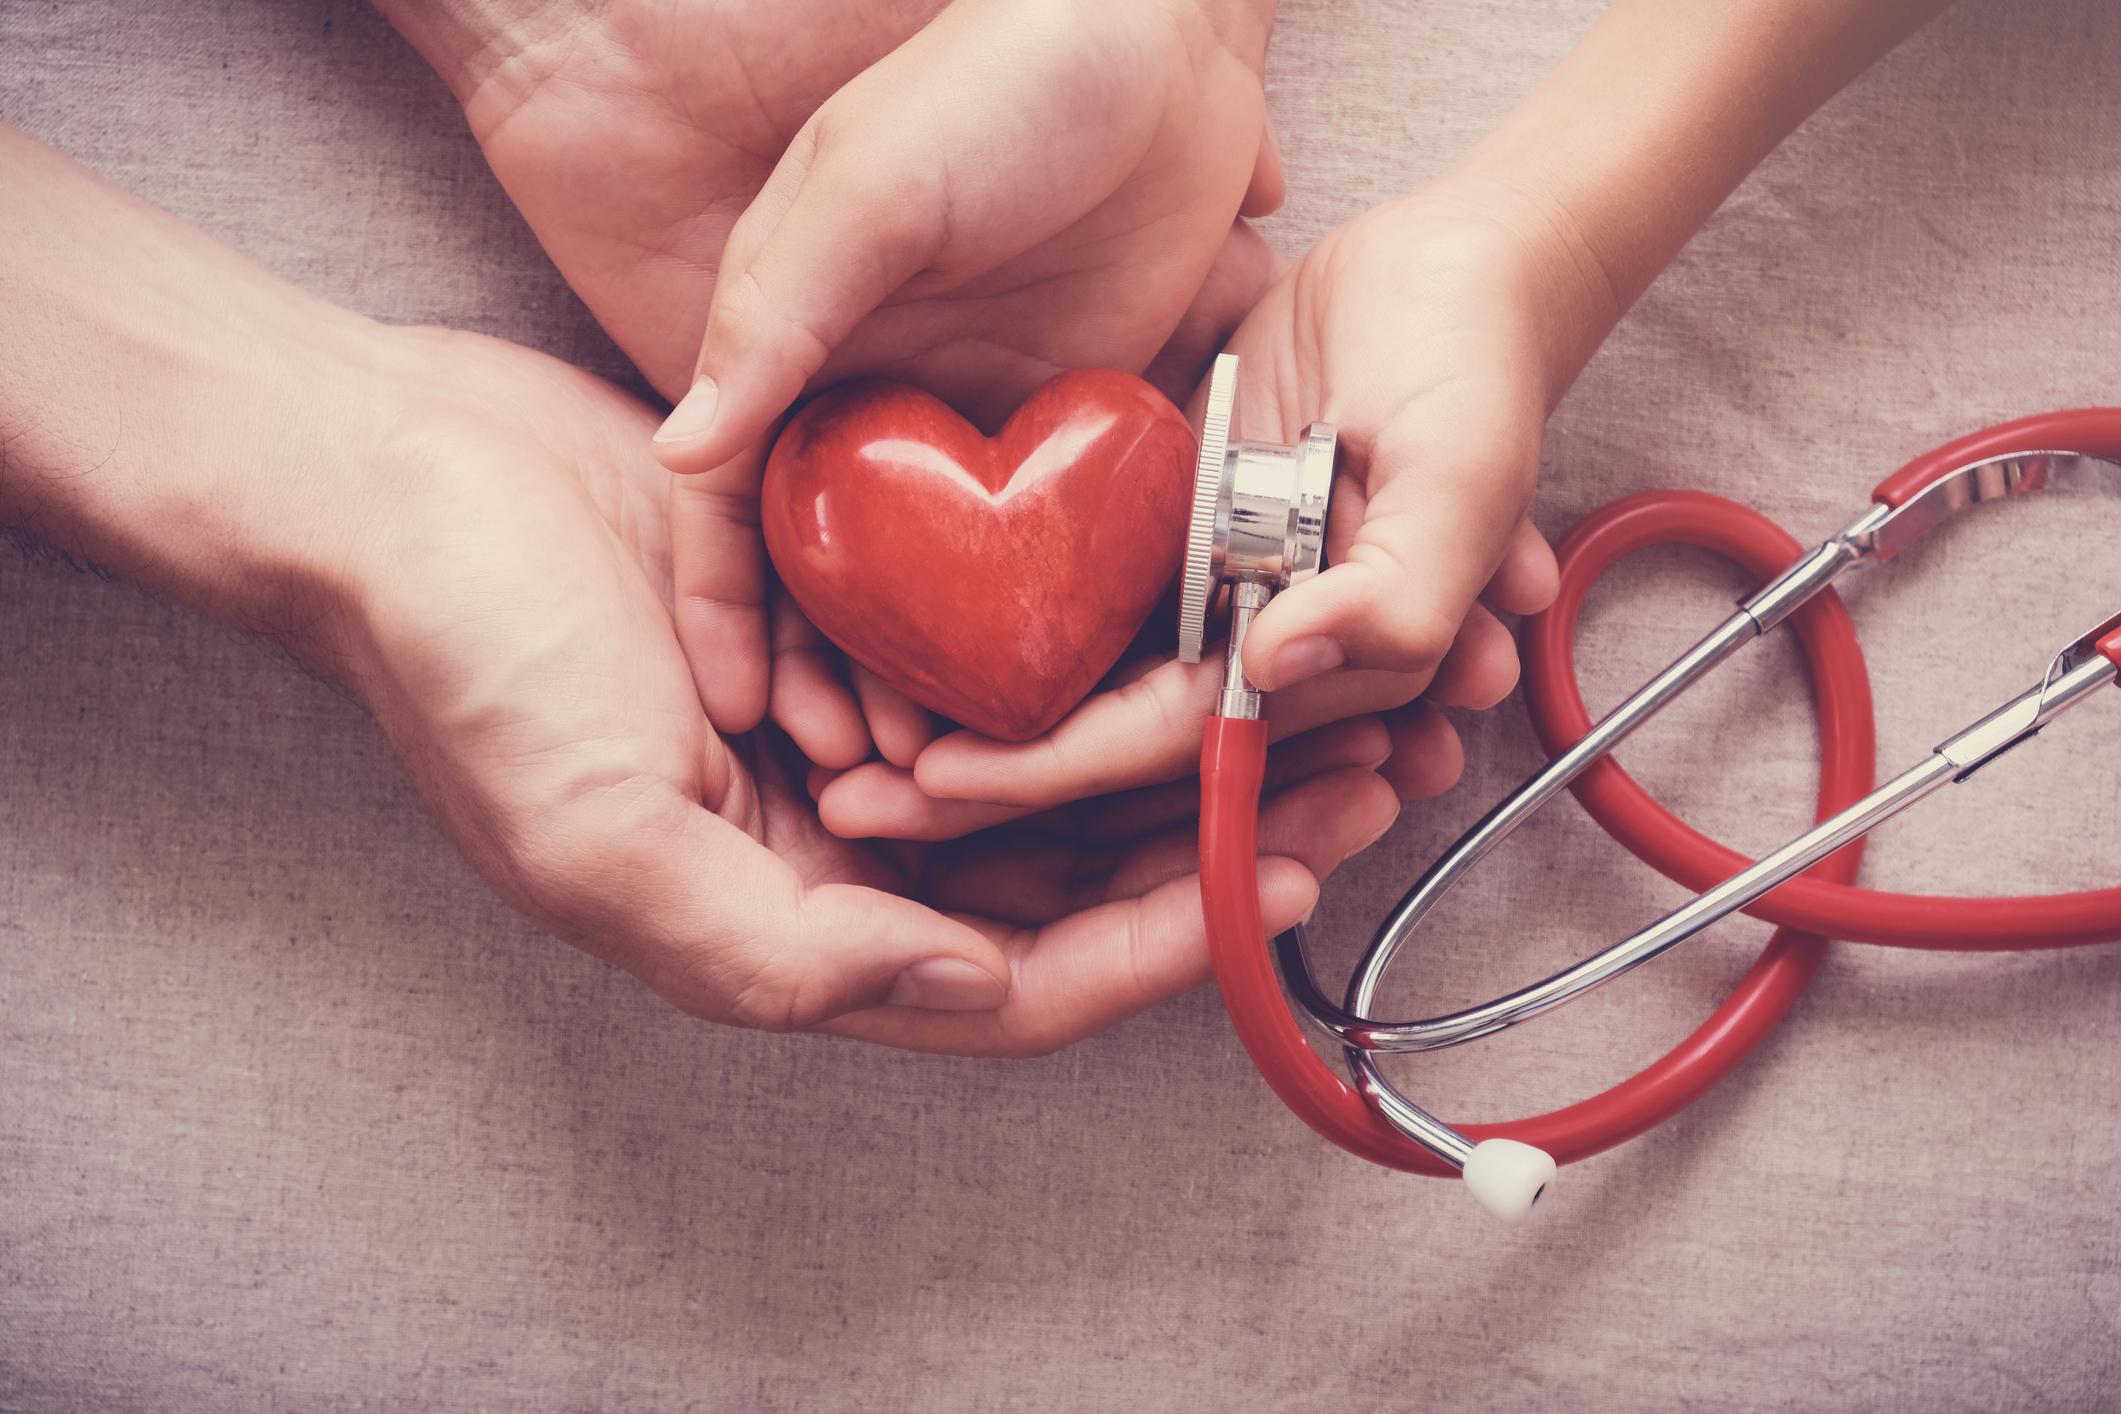 Tout savoir sur le cholestérol 1/3 : Comprendre son bilan lipidique